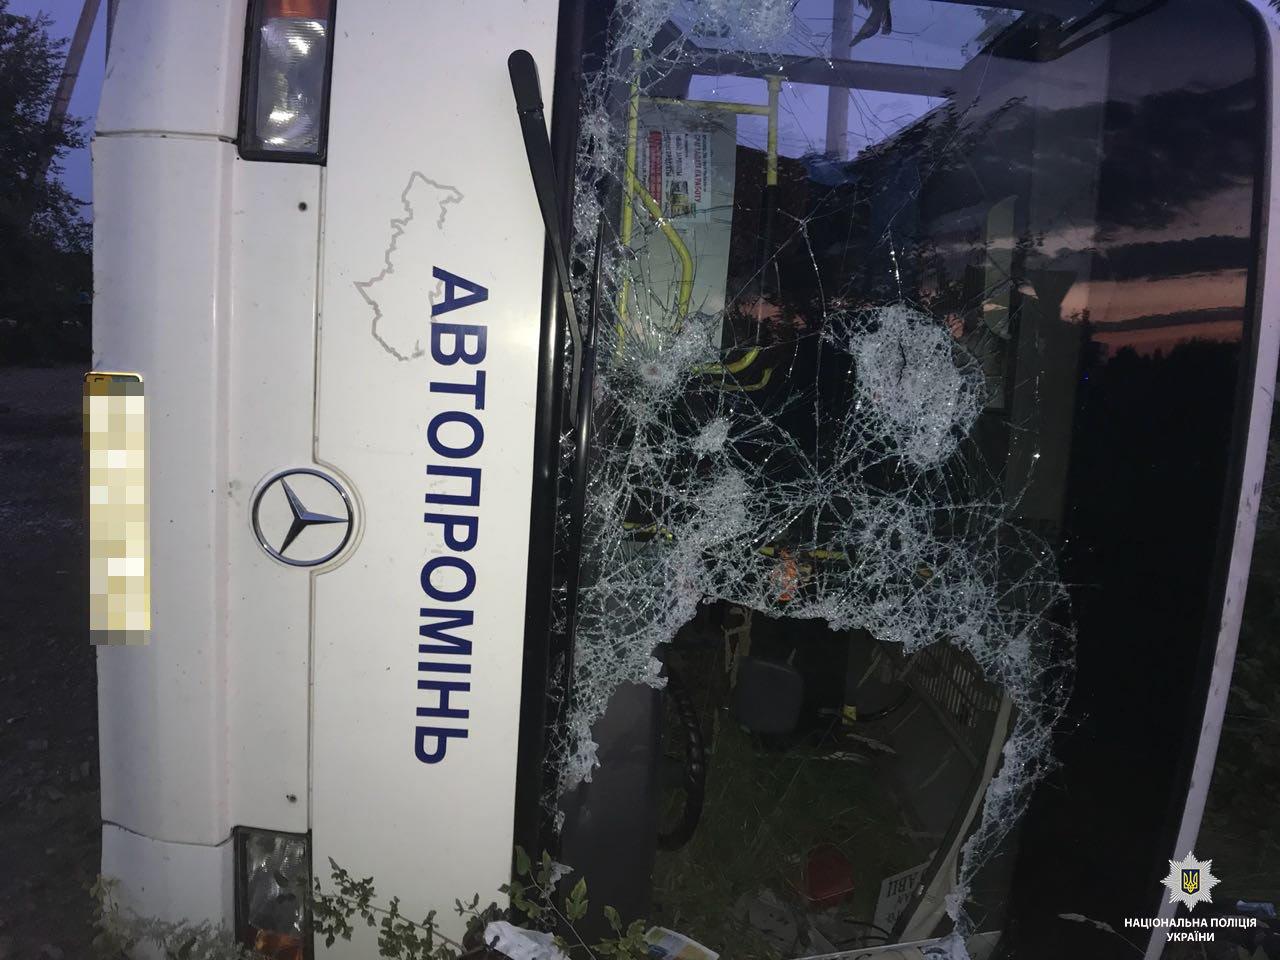 Смертельная авария с рейсовым автобусом под Днепром: стала известна причина ДТП и другие подробности, - ФОТО, ВИДЕО, фото-1